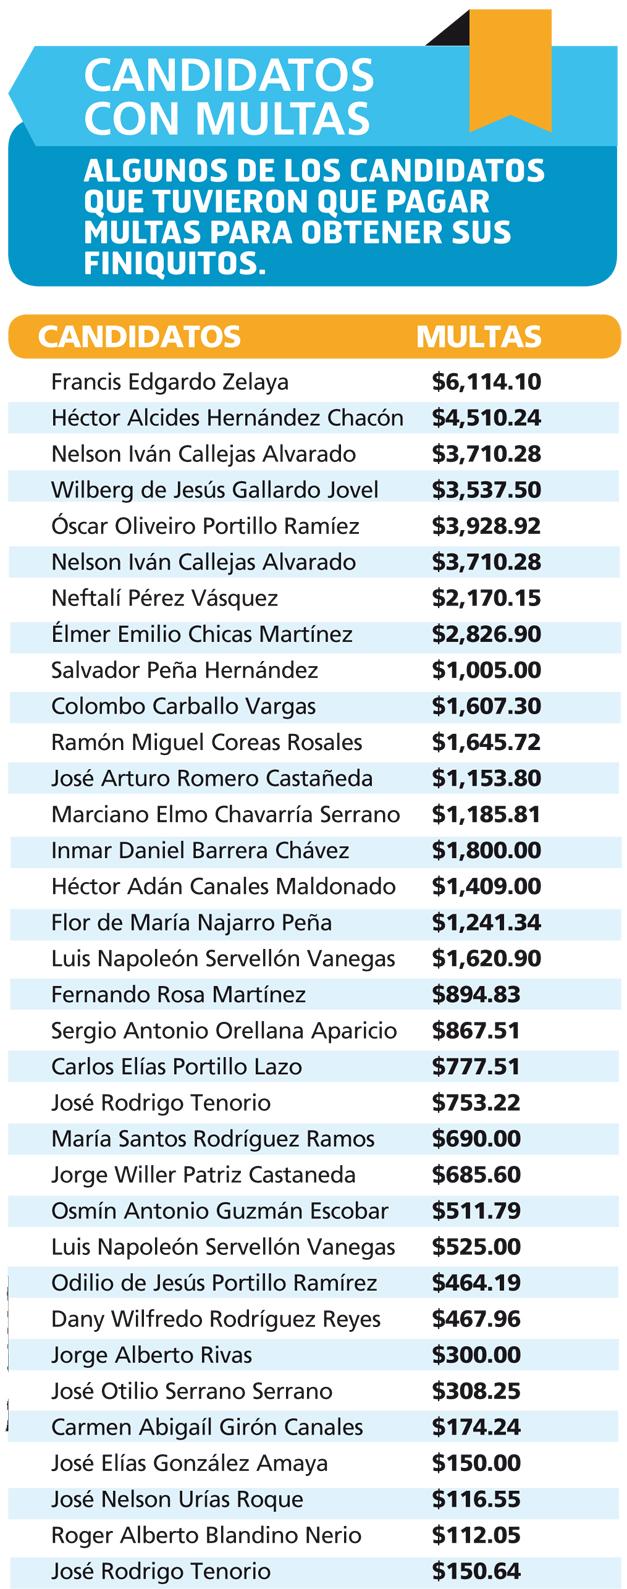 83 candidatos pagaron multas por finiquitos   Diario El Mundo